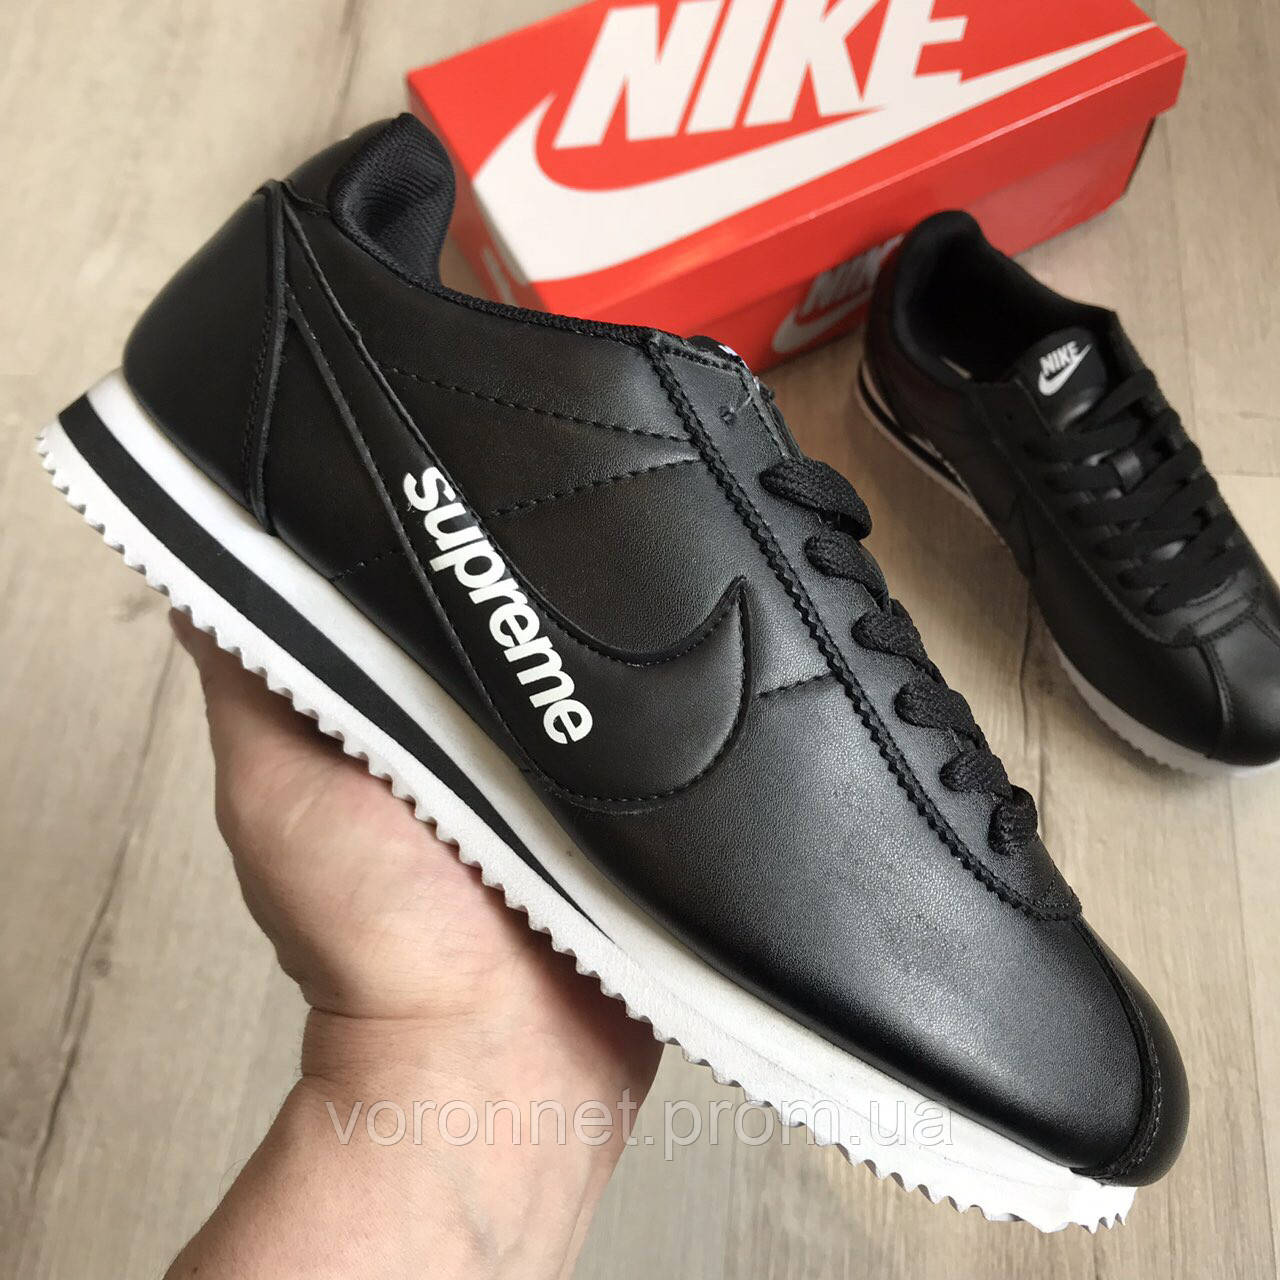 sale retailer 7dc9f 91bcb Мужские кроссовки Nike Cortez Supreme (42,43,45,46)